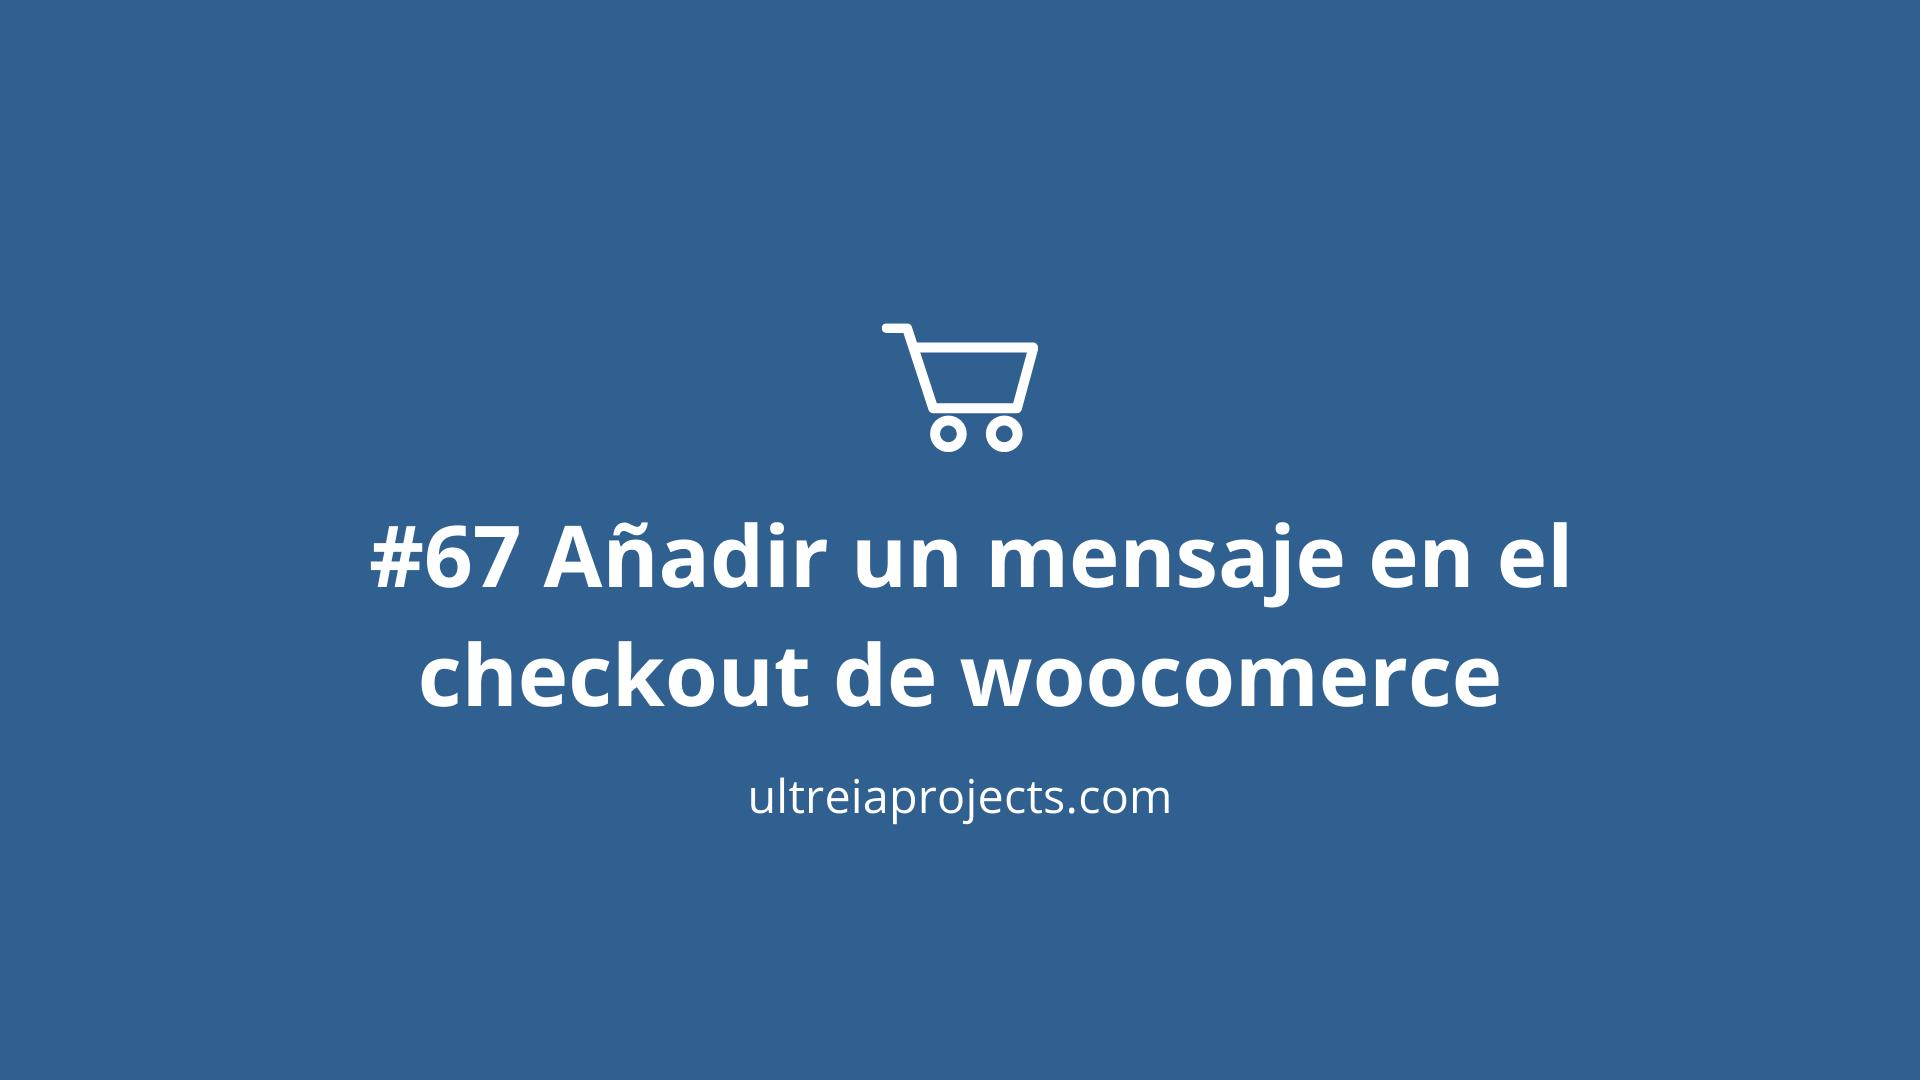 Añadir un mensaje en el checkout de woocomerce